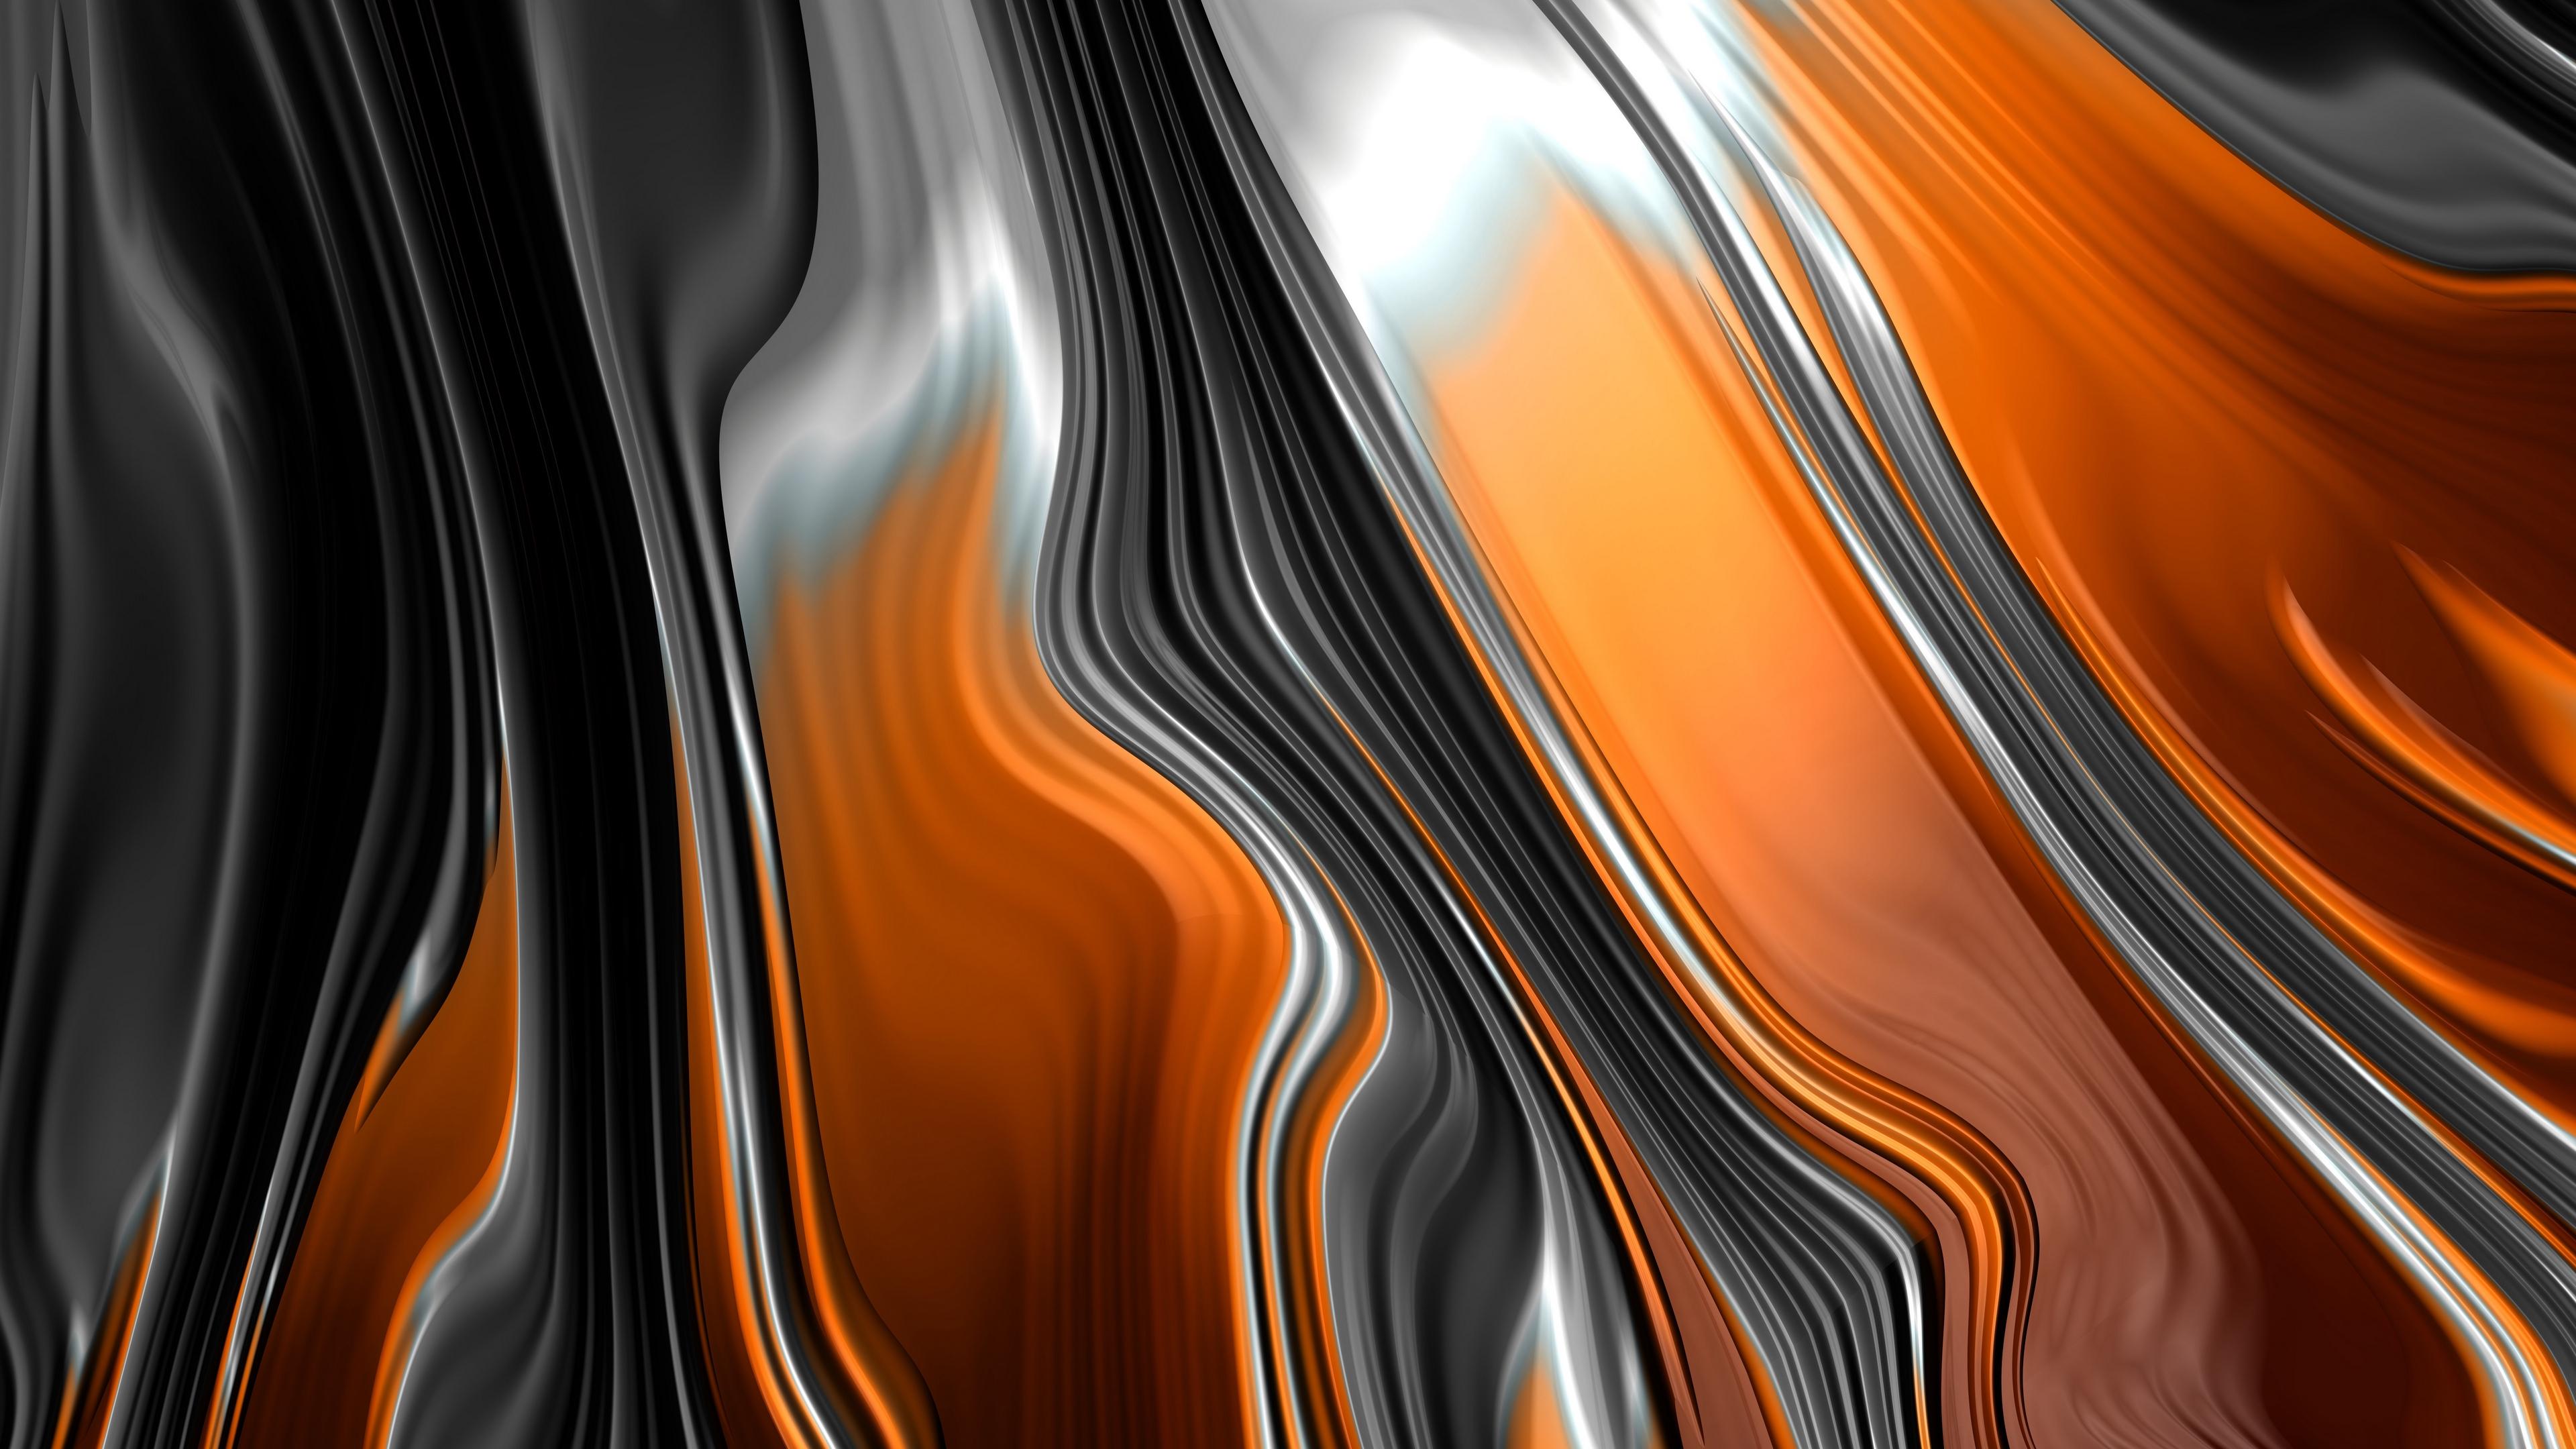 fractal stripes bends lines 4k 1539369730 - fractal, stripes, bends, lines 4k - Stripes, Fractal, bends